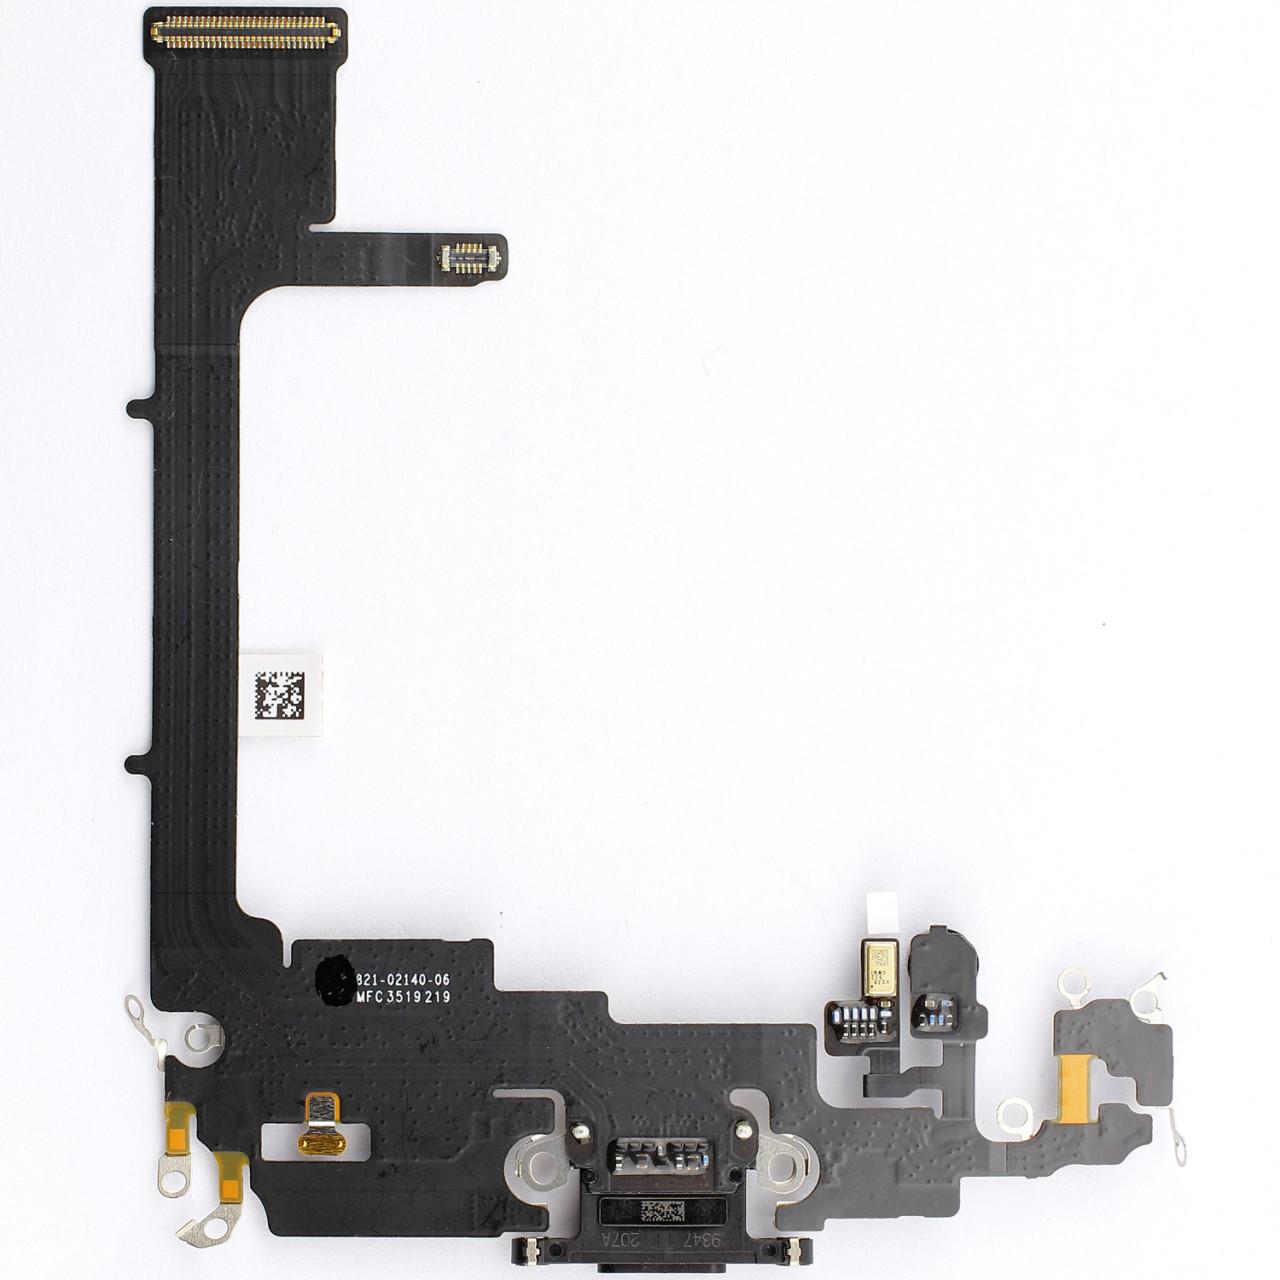 Apple Dock-Connector mit Flexkabel, passend für iPhone 11 Pro, ohne Connector-Chip,...